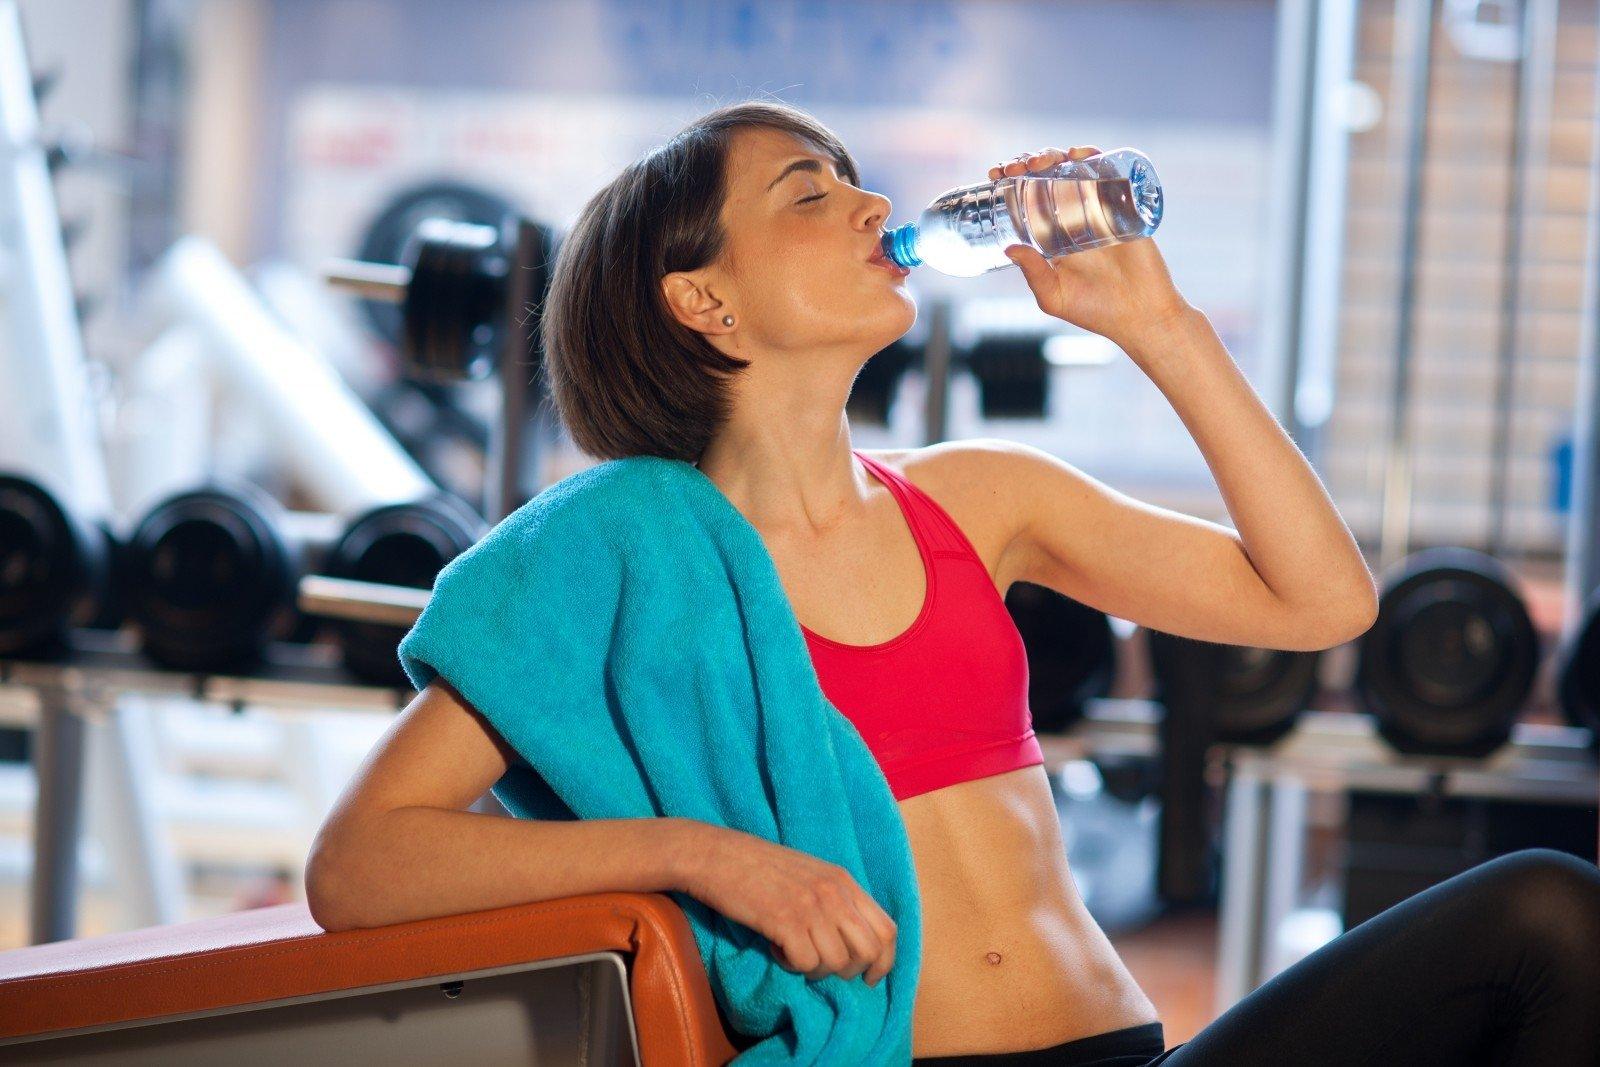 Можно ли пить воду во время тренировки в тренажерном зале?